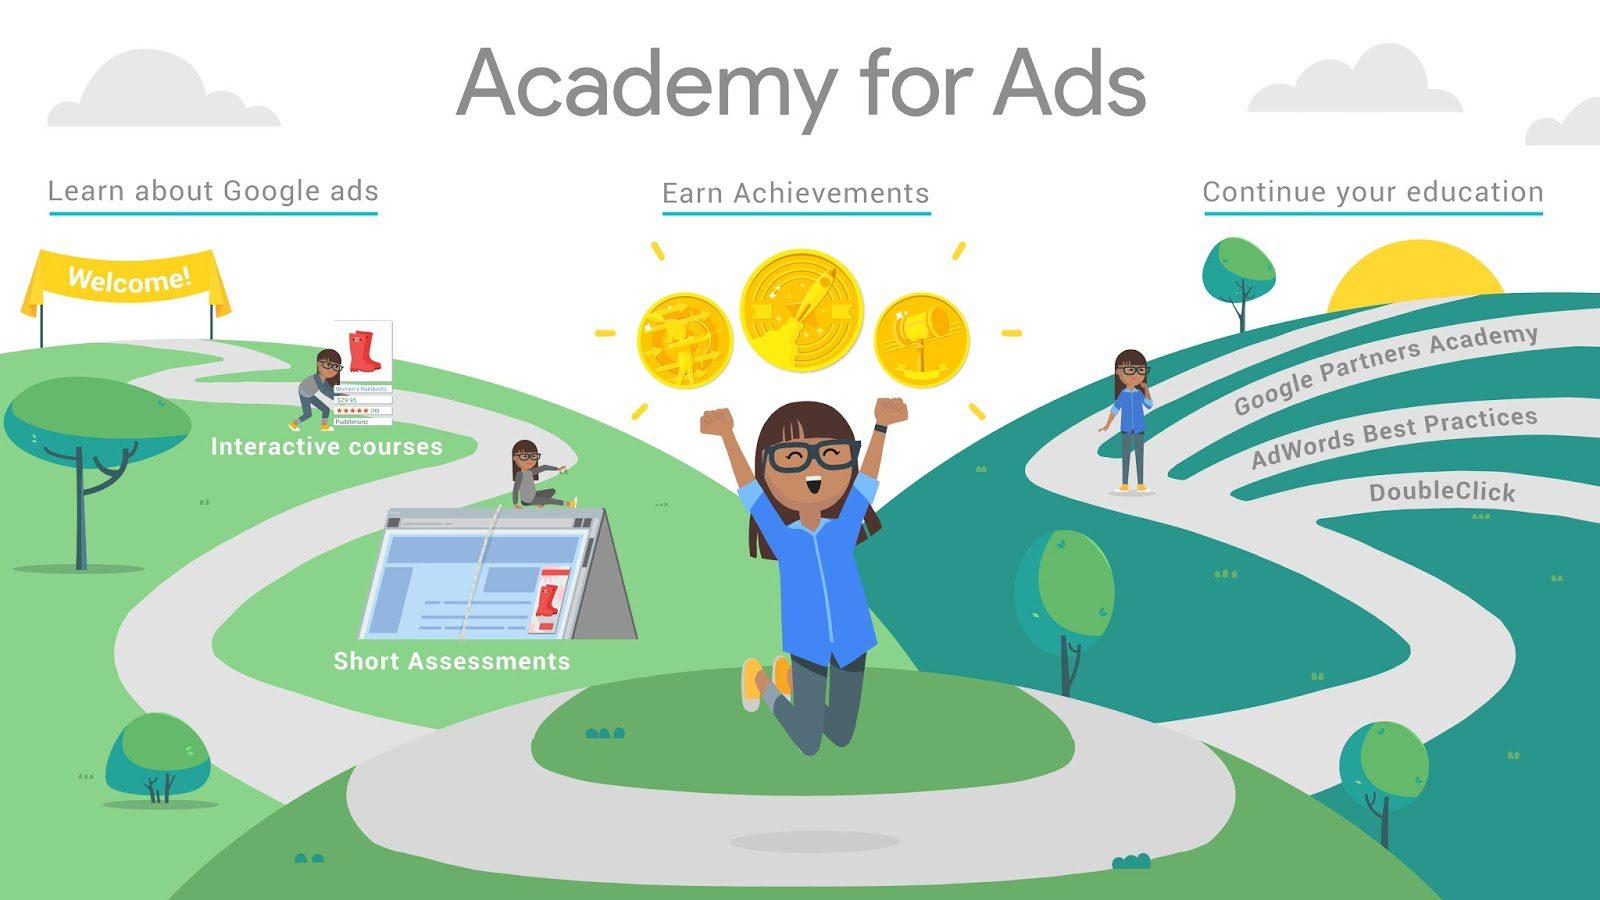 คอร์สเรียนโฆษณาฟรีจาก Google เรียนจบ ได้ใบรับรอง